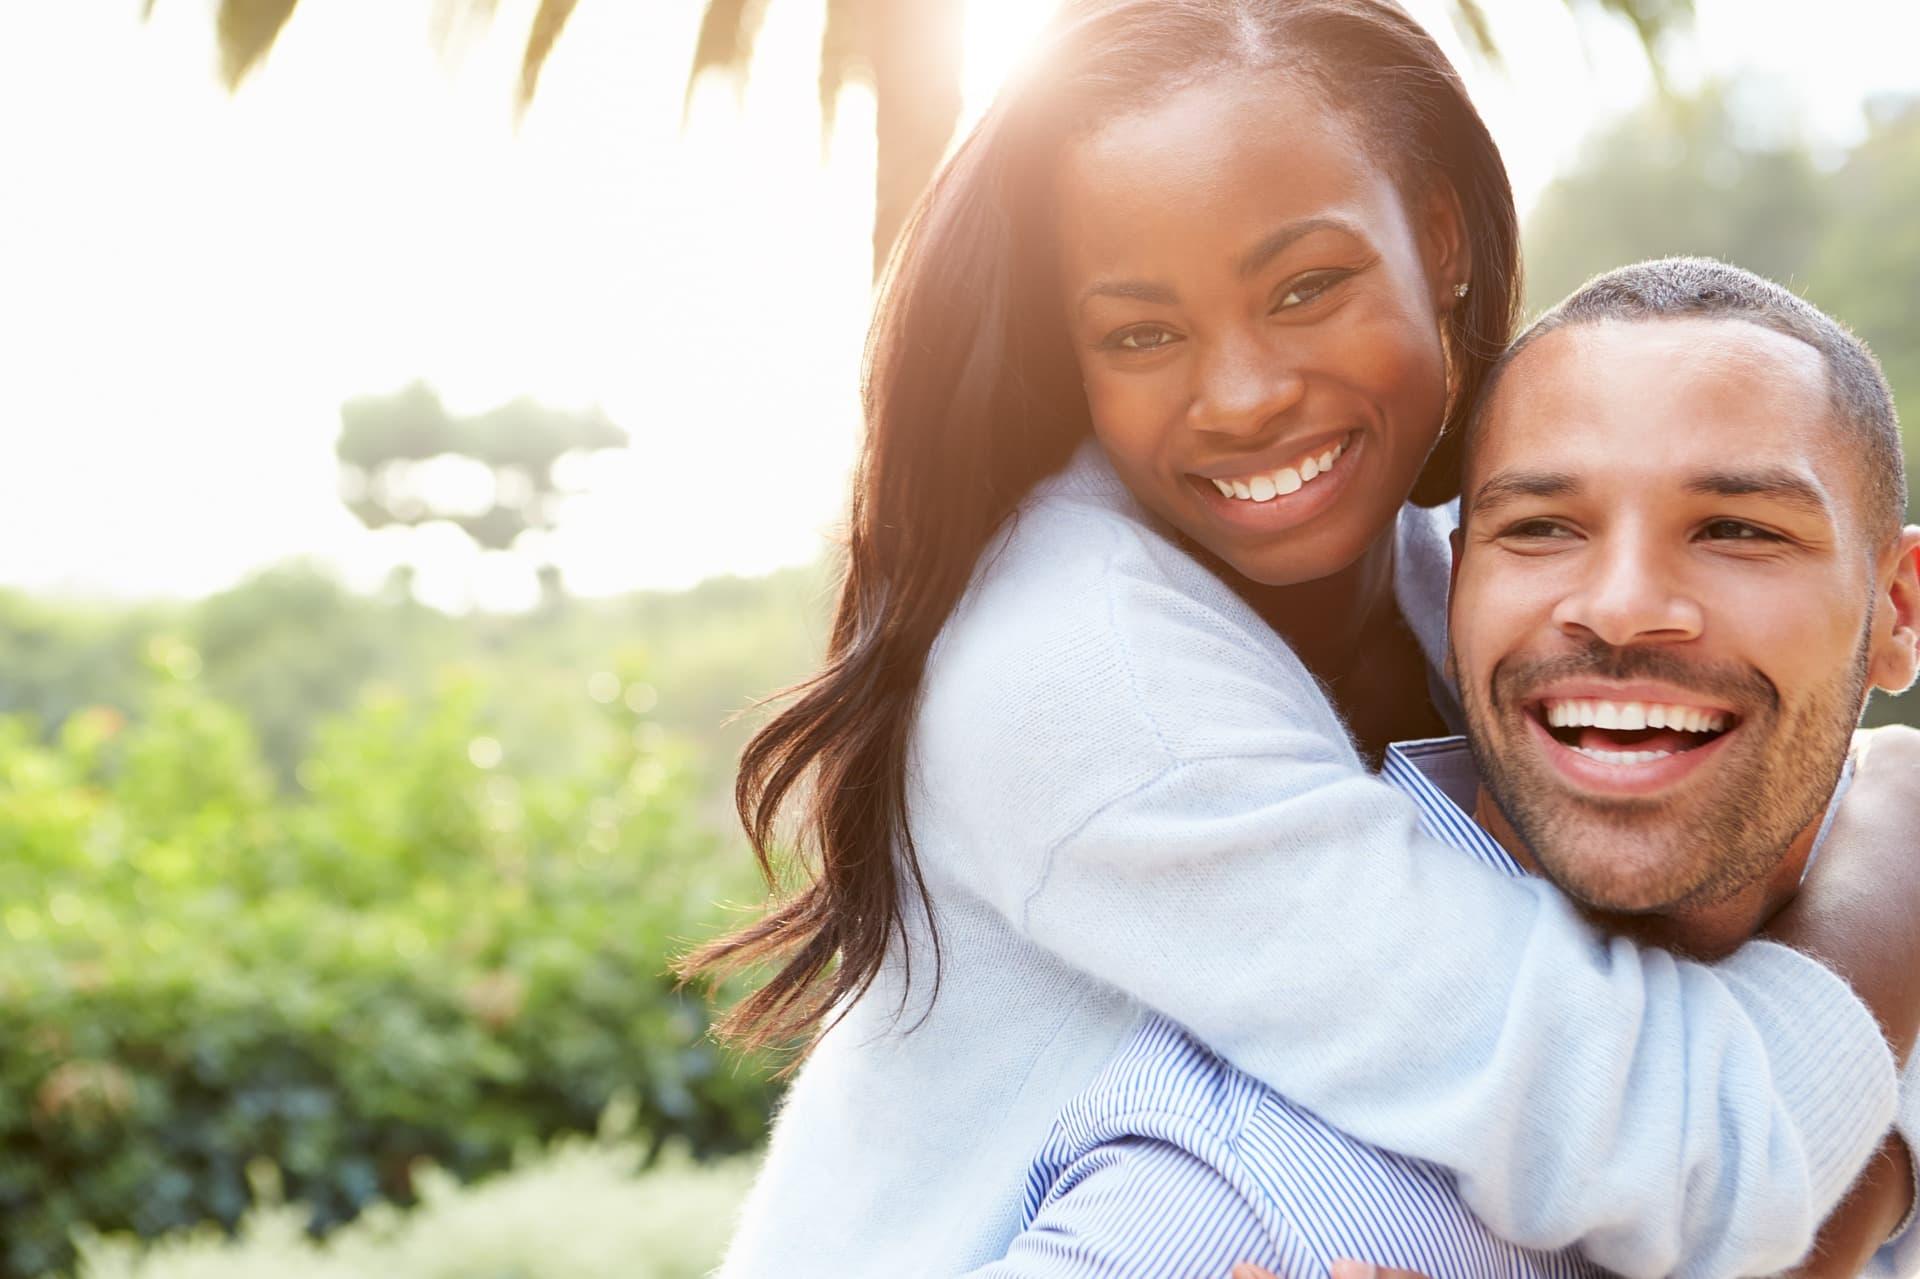 Построить отношения с мужчиной после развода можно только в том случае, если он уже готов к ним